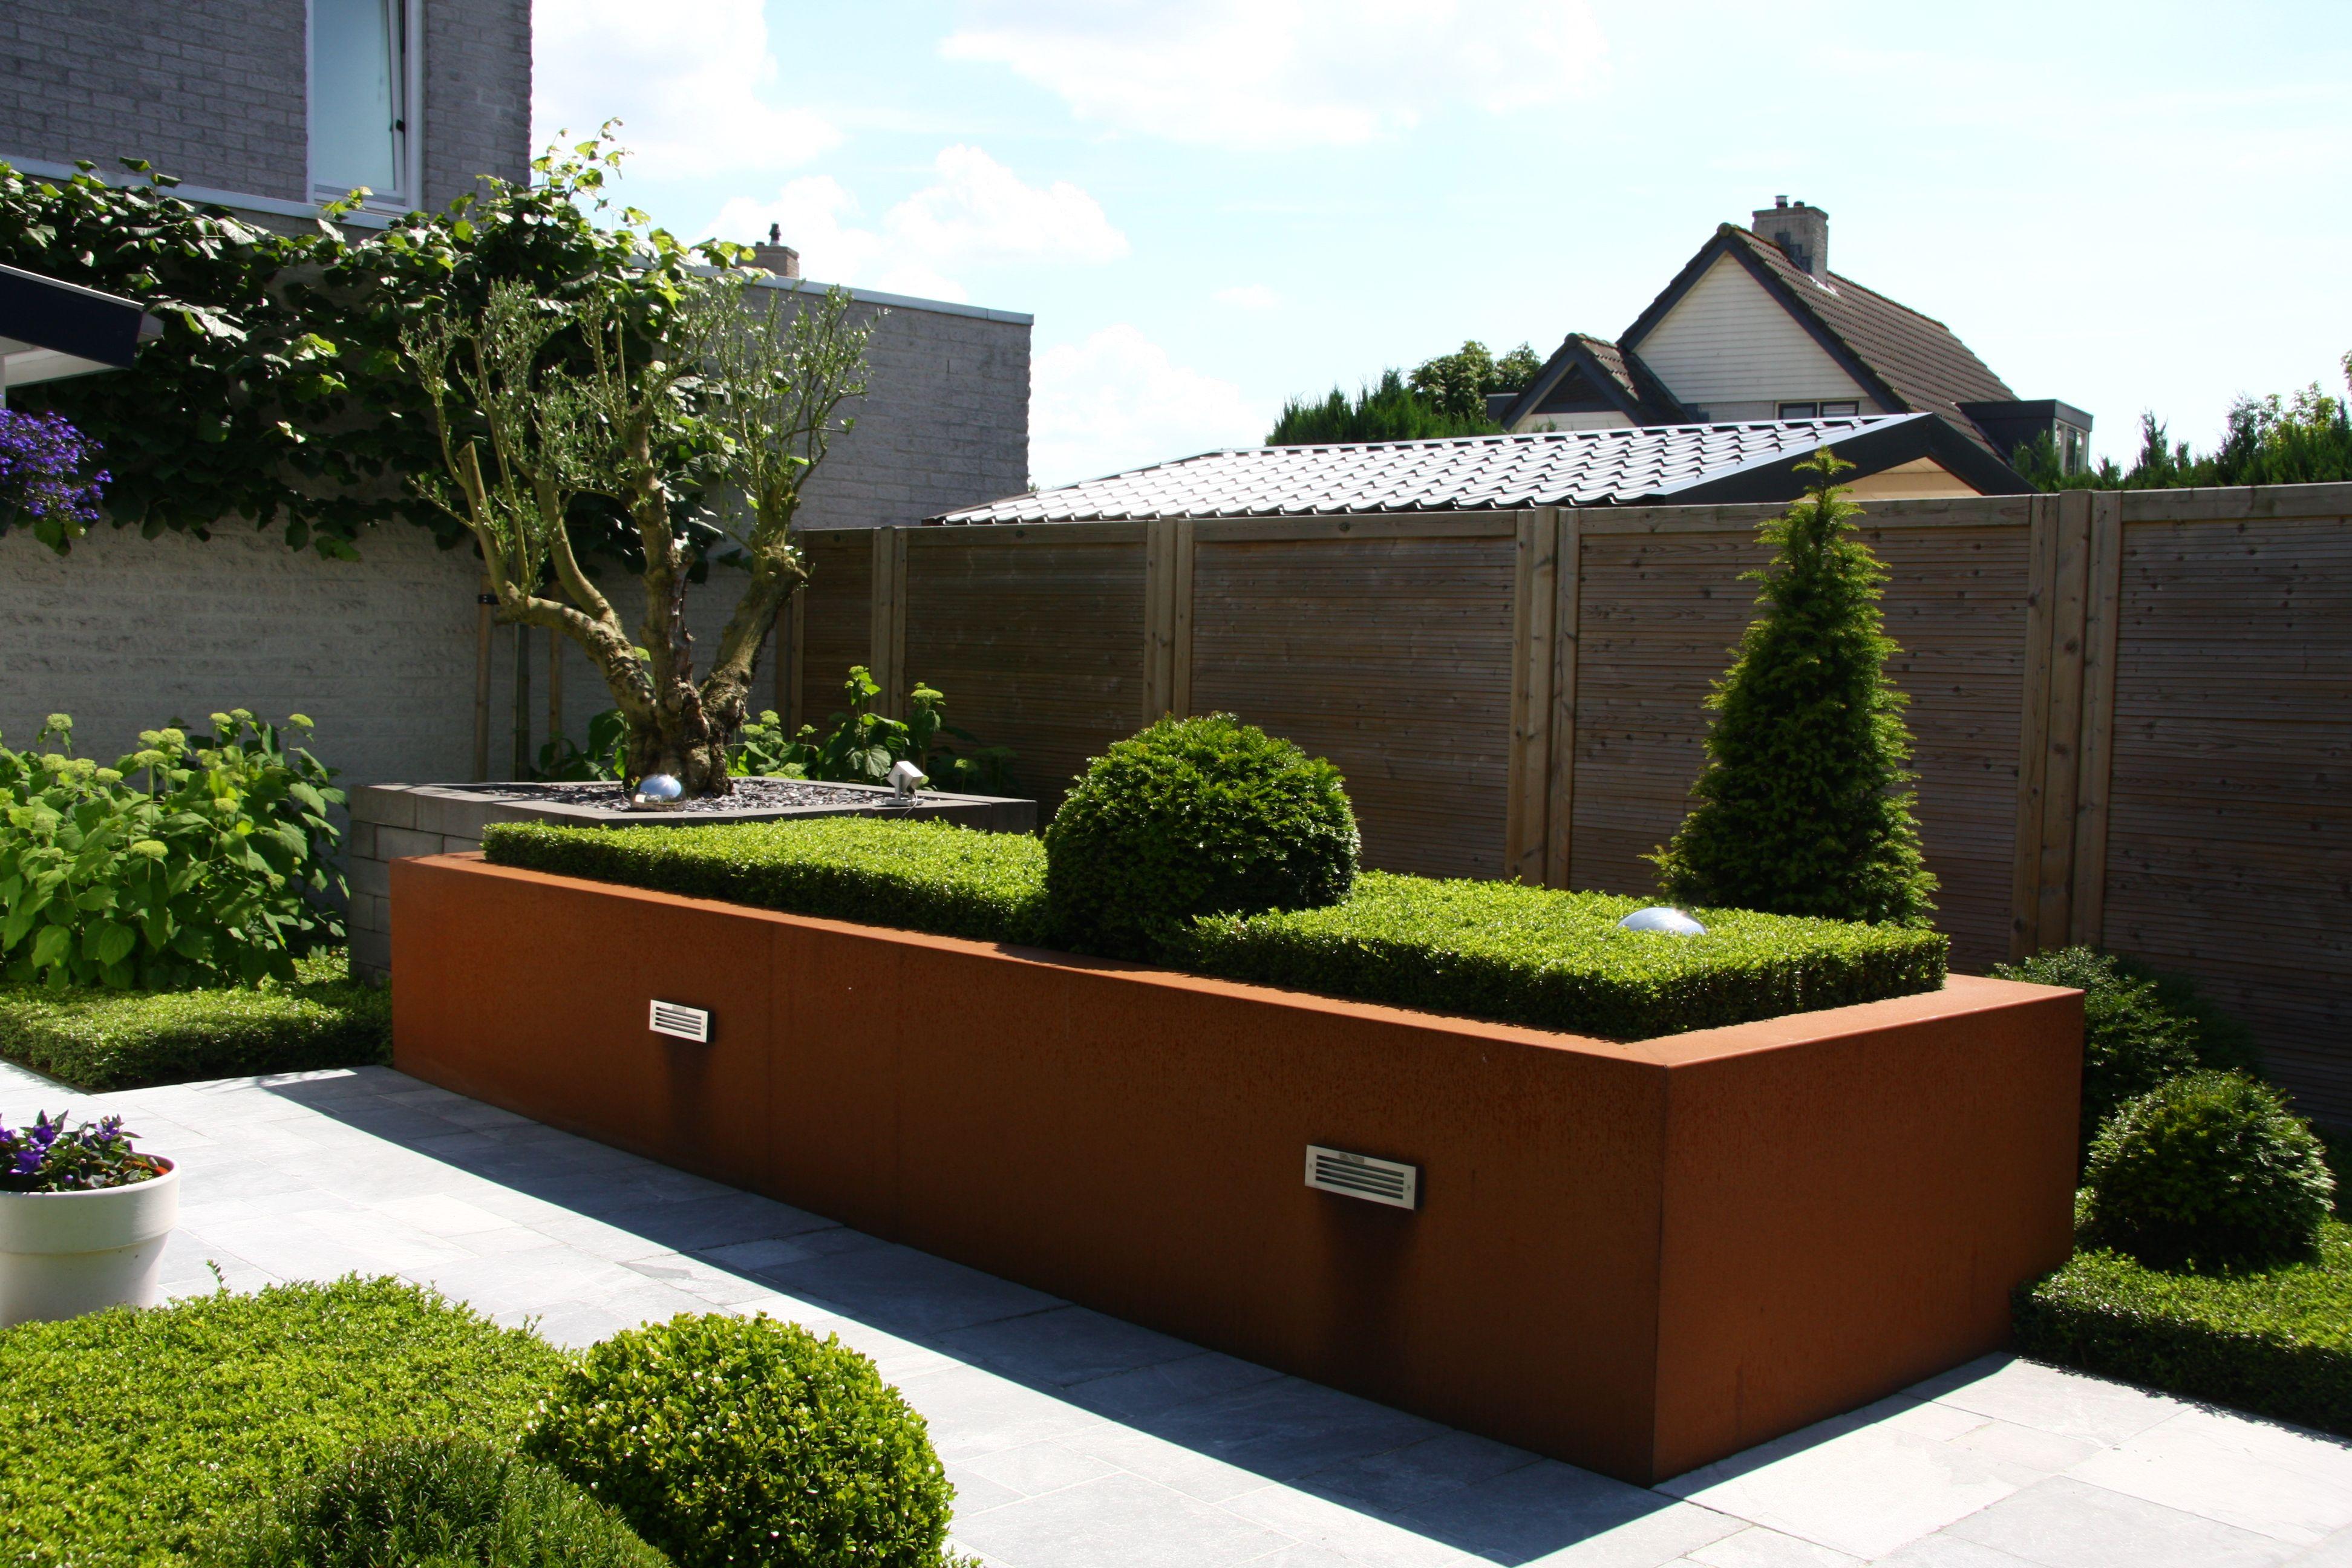 Bloembakken vervaardigd van cortenstaal cortenstaal pinterest bloembakken tuin en tuin - Moderne landschapsarchitectuur ...